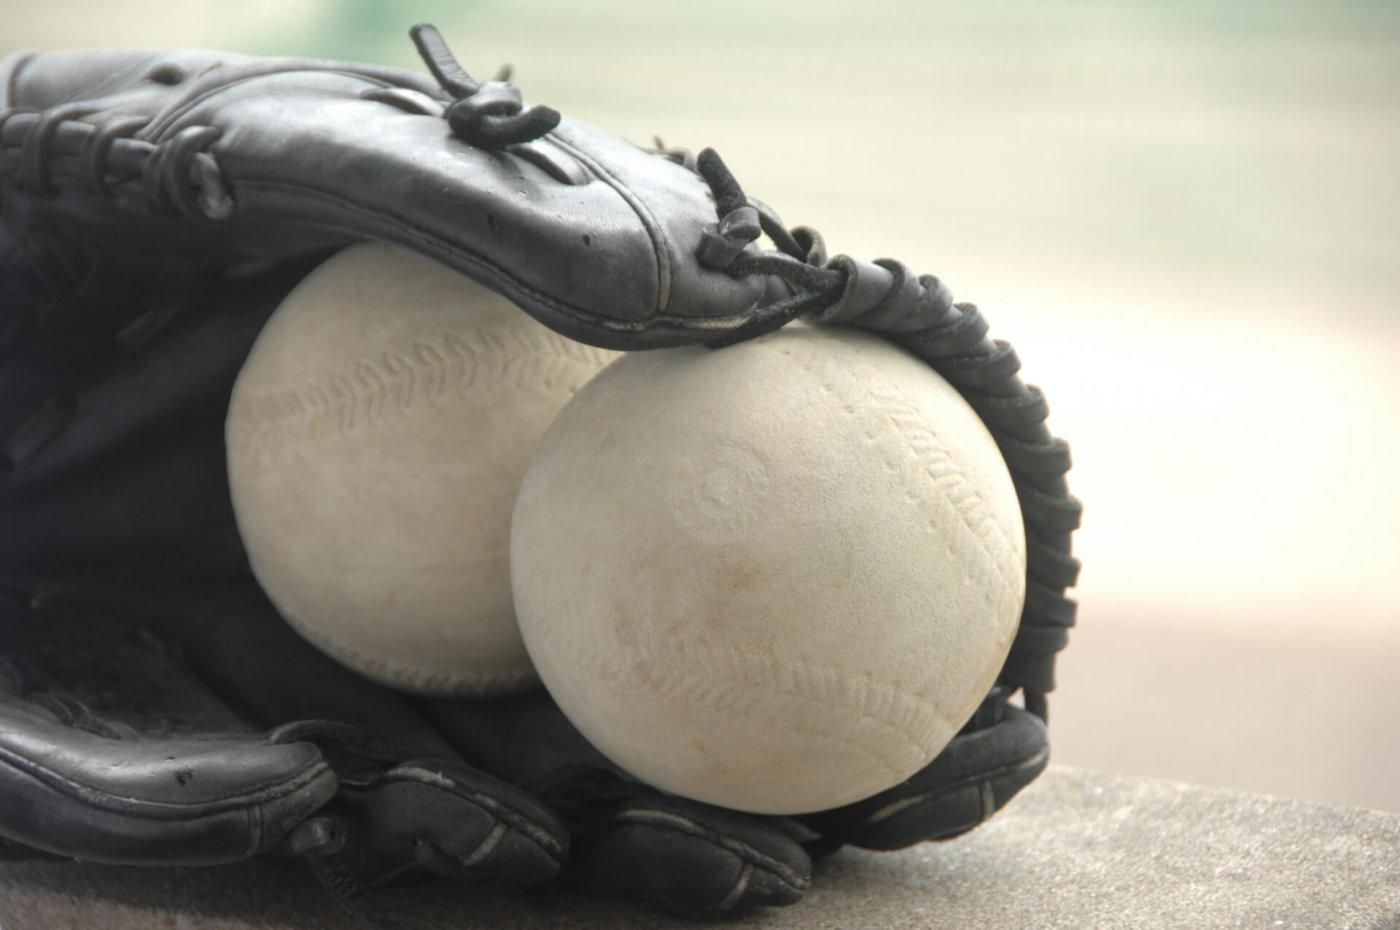 ソフトボールのツーステップ投法について